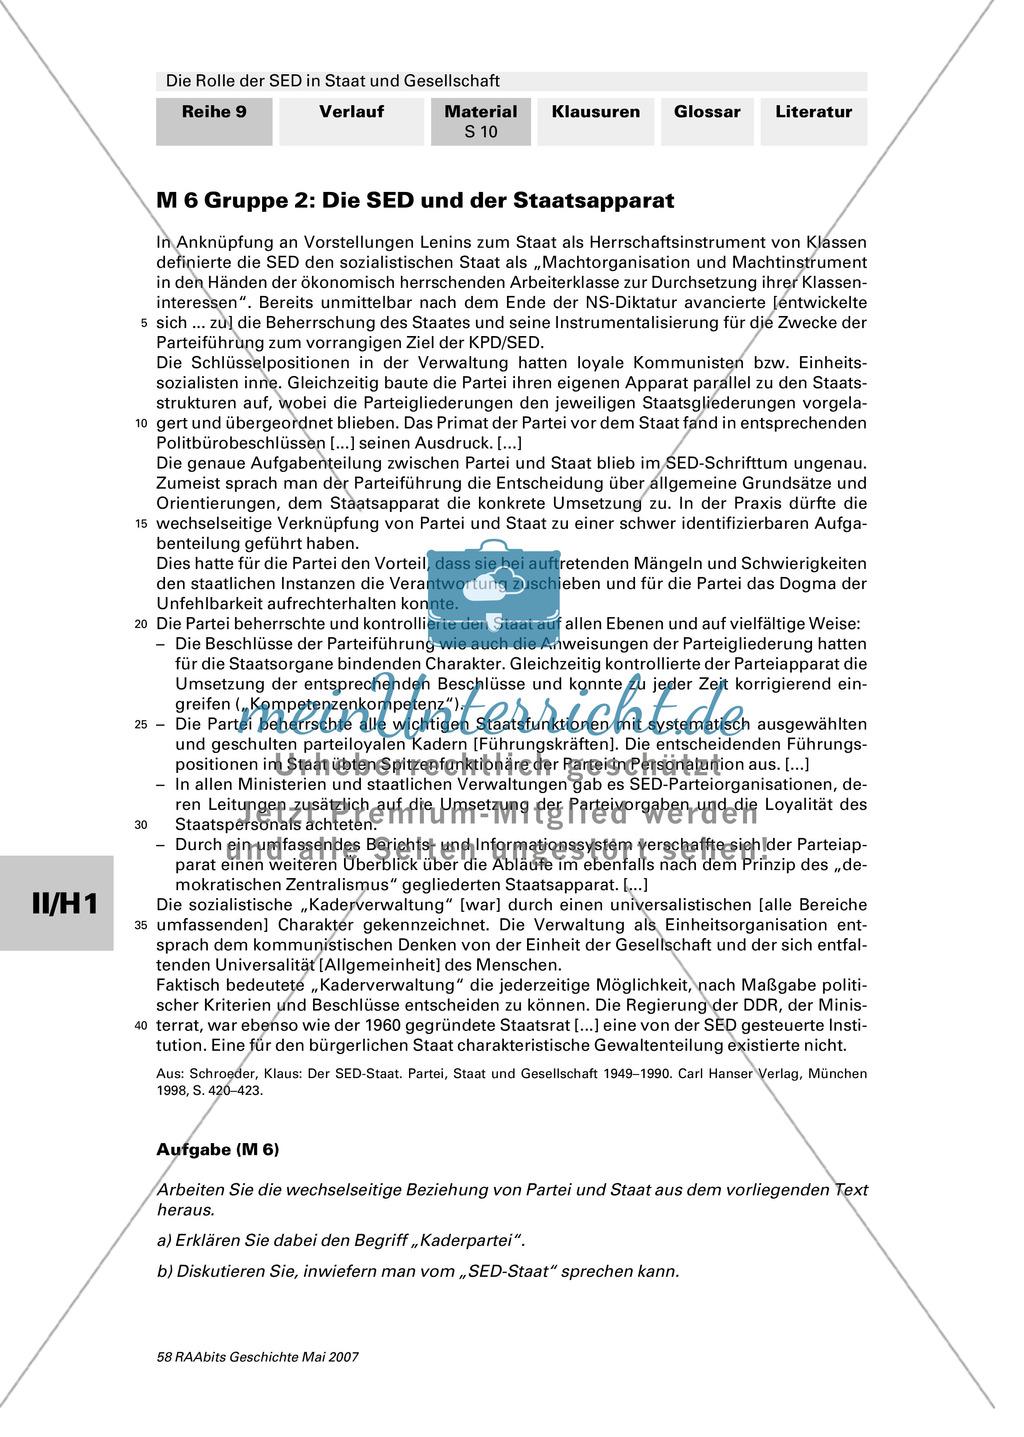 Die Rolle der SED im Staat: Anspruch auf die führende Rolle in allen Lebensbereichen. Klärung zentraler Begriffe Preview 3